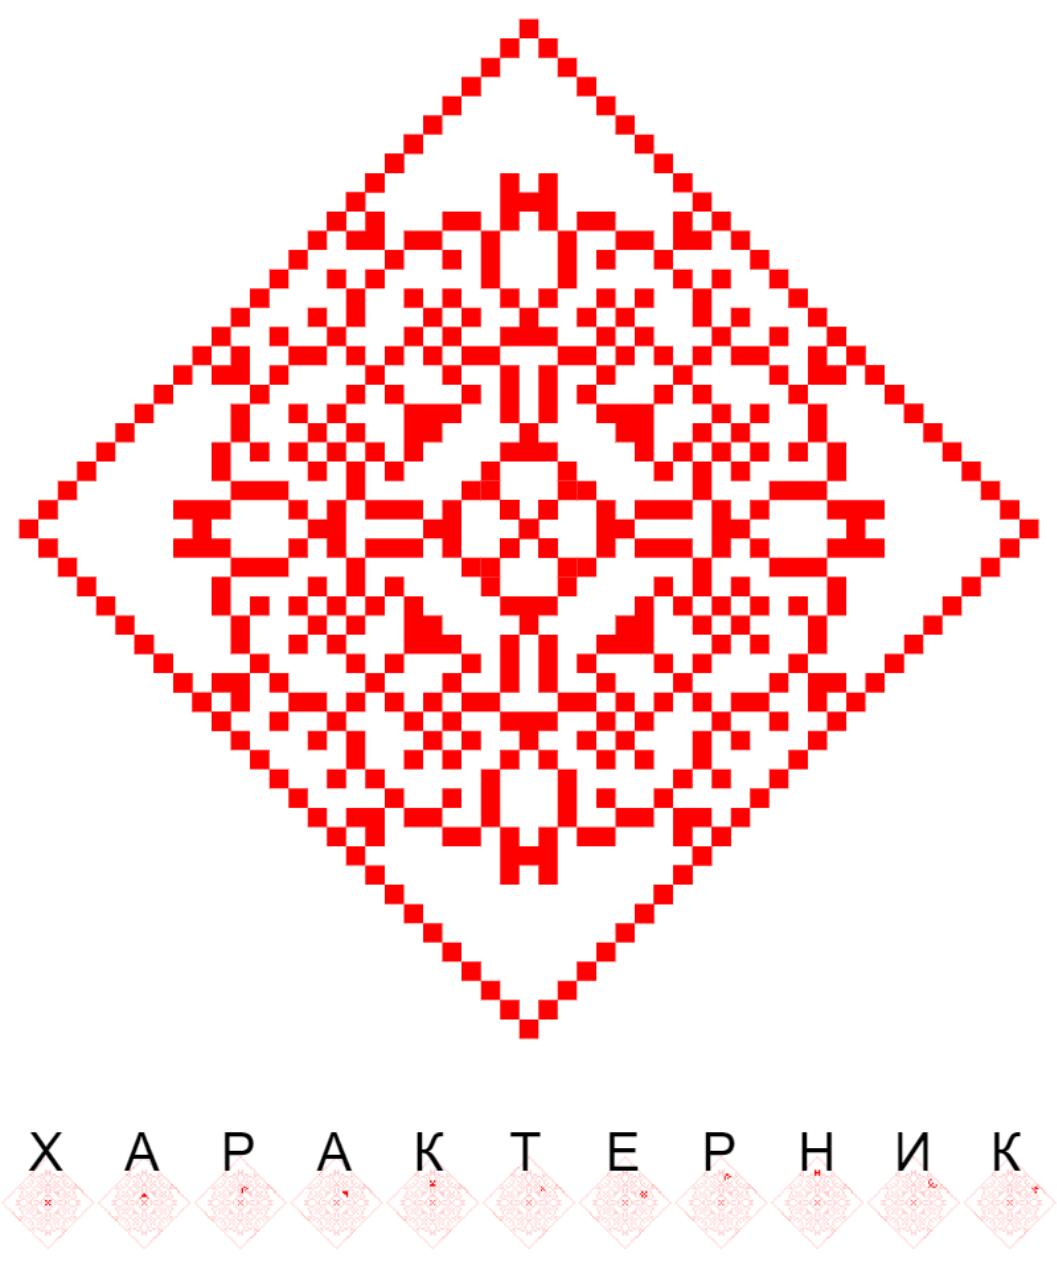 Текстовий слов'янський орнамент: Характерник